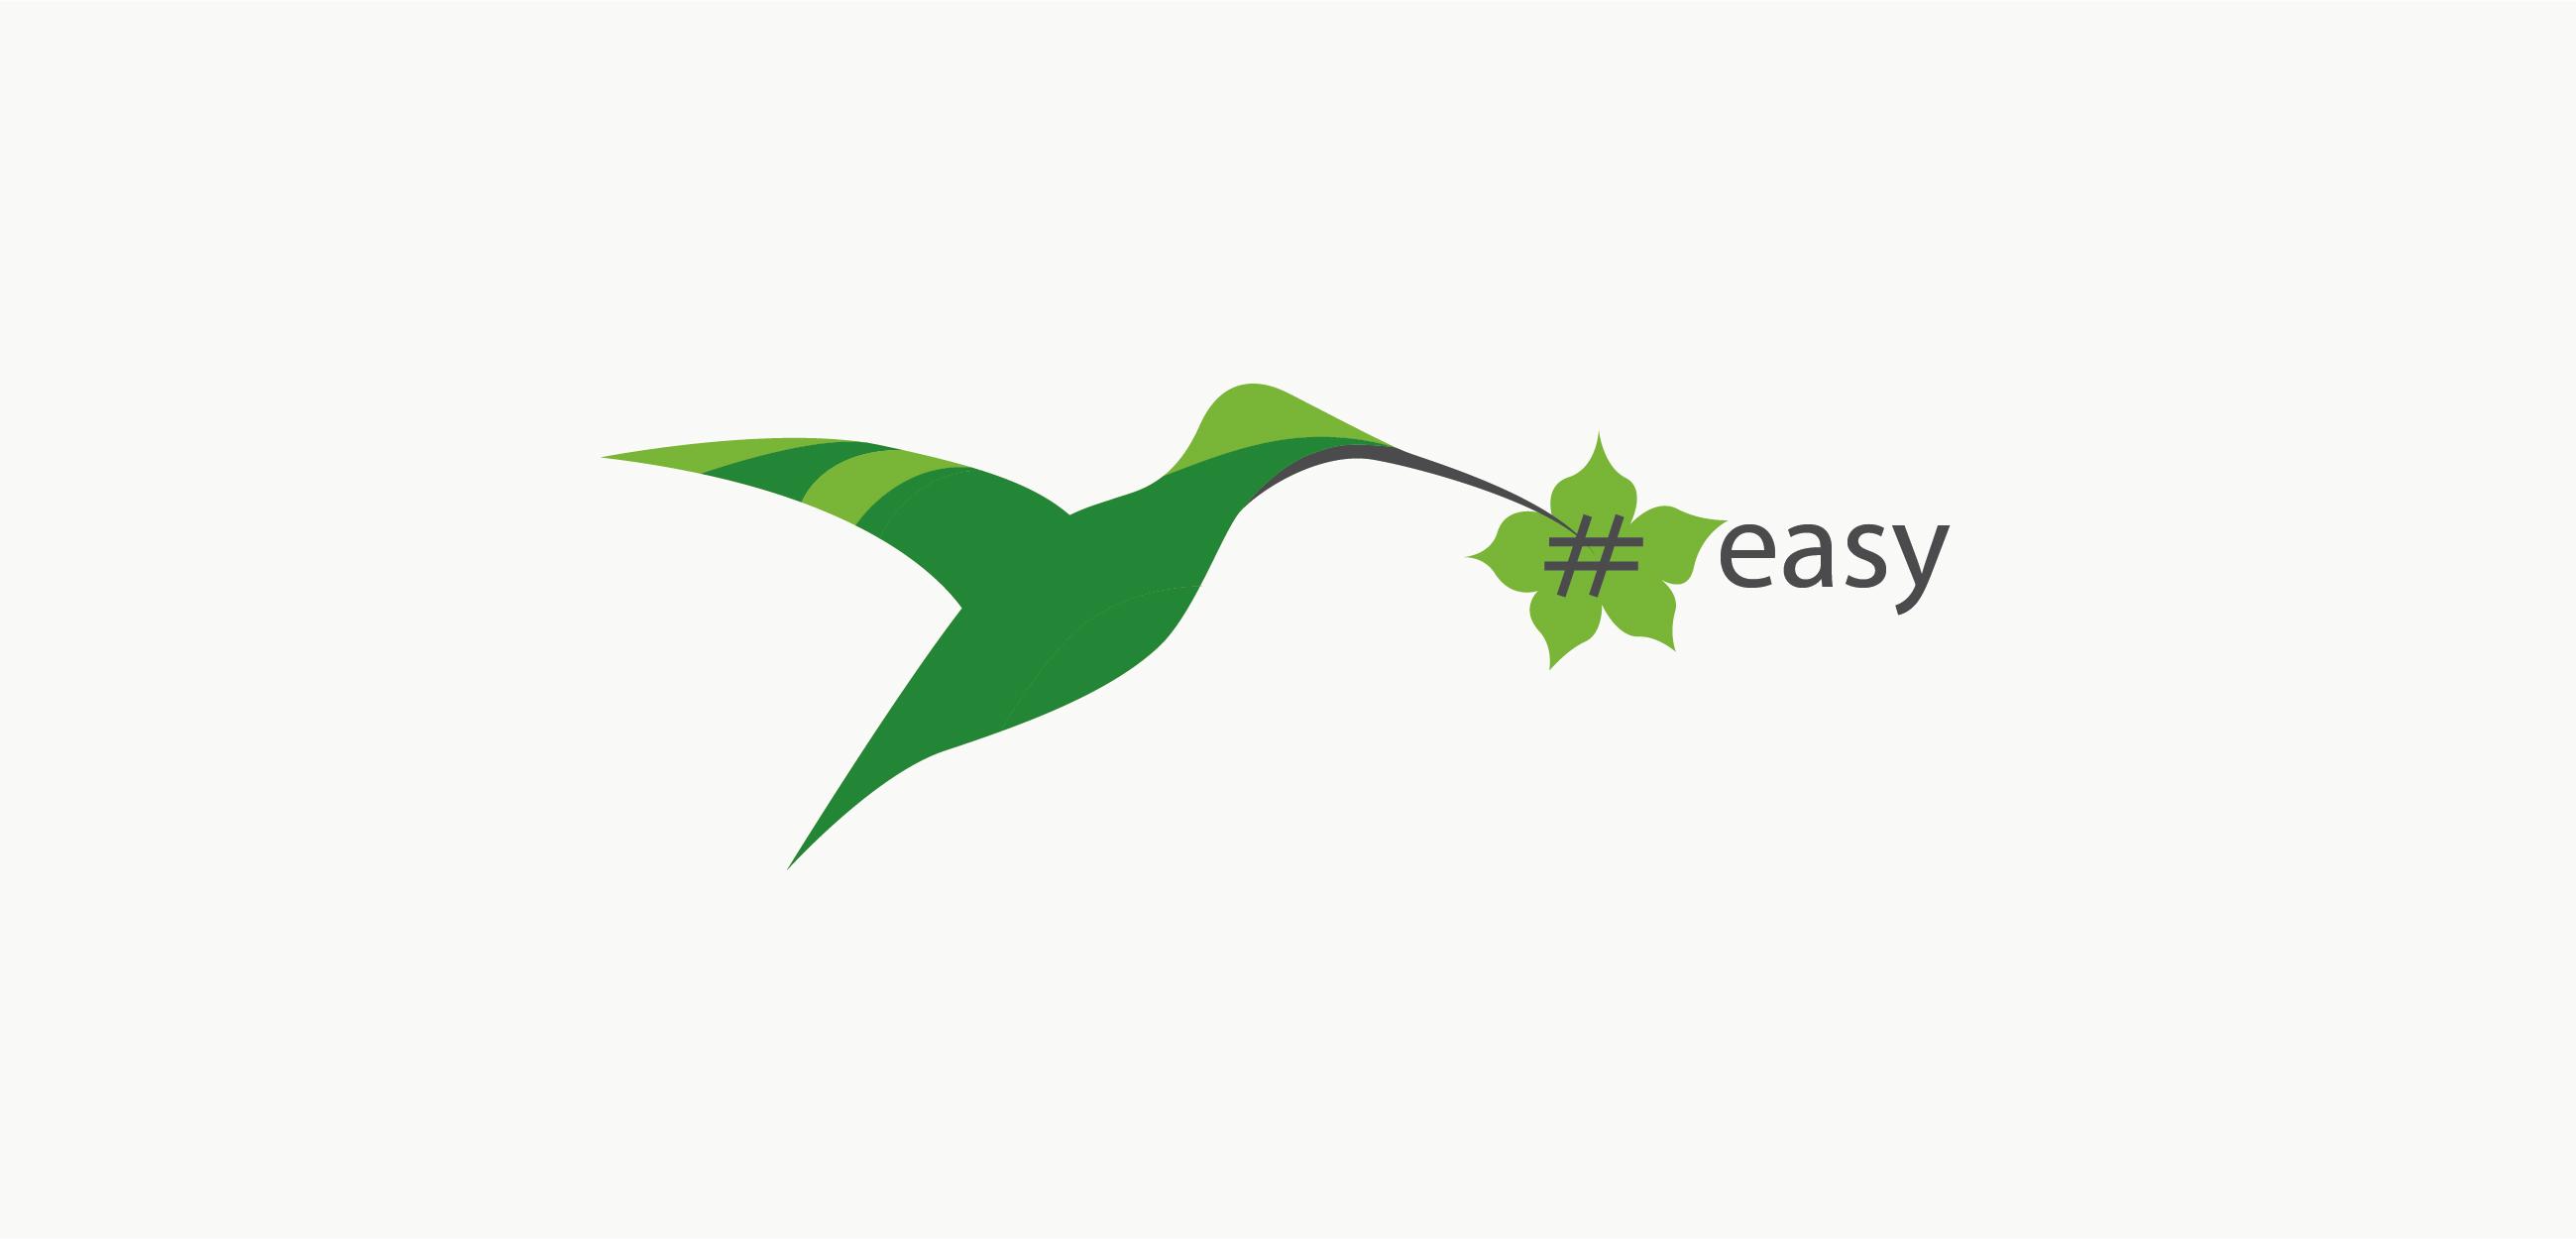 Разработка логотипа в виде хэштега #easy с зеленой колибри  фото f_7965d4f0e7045904.jpg